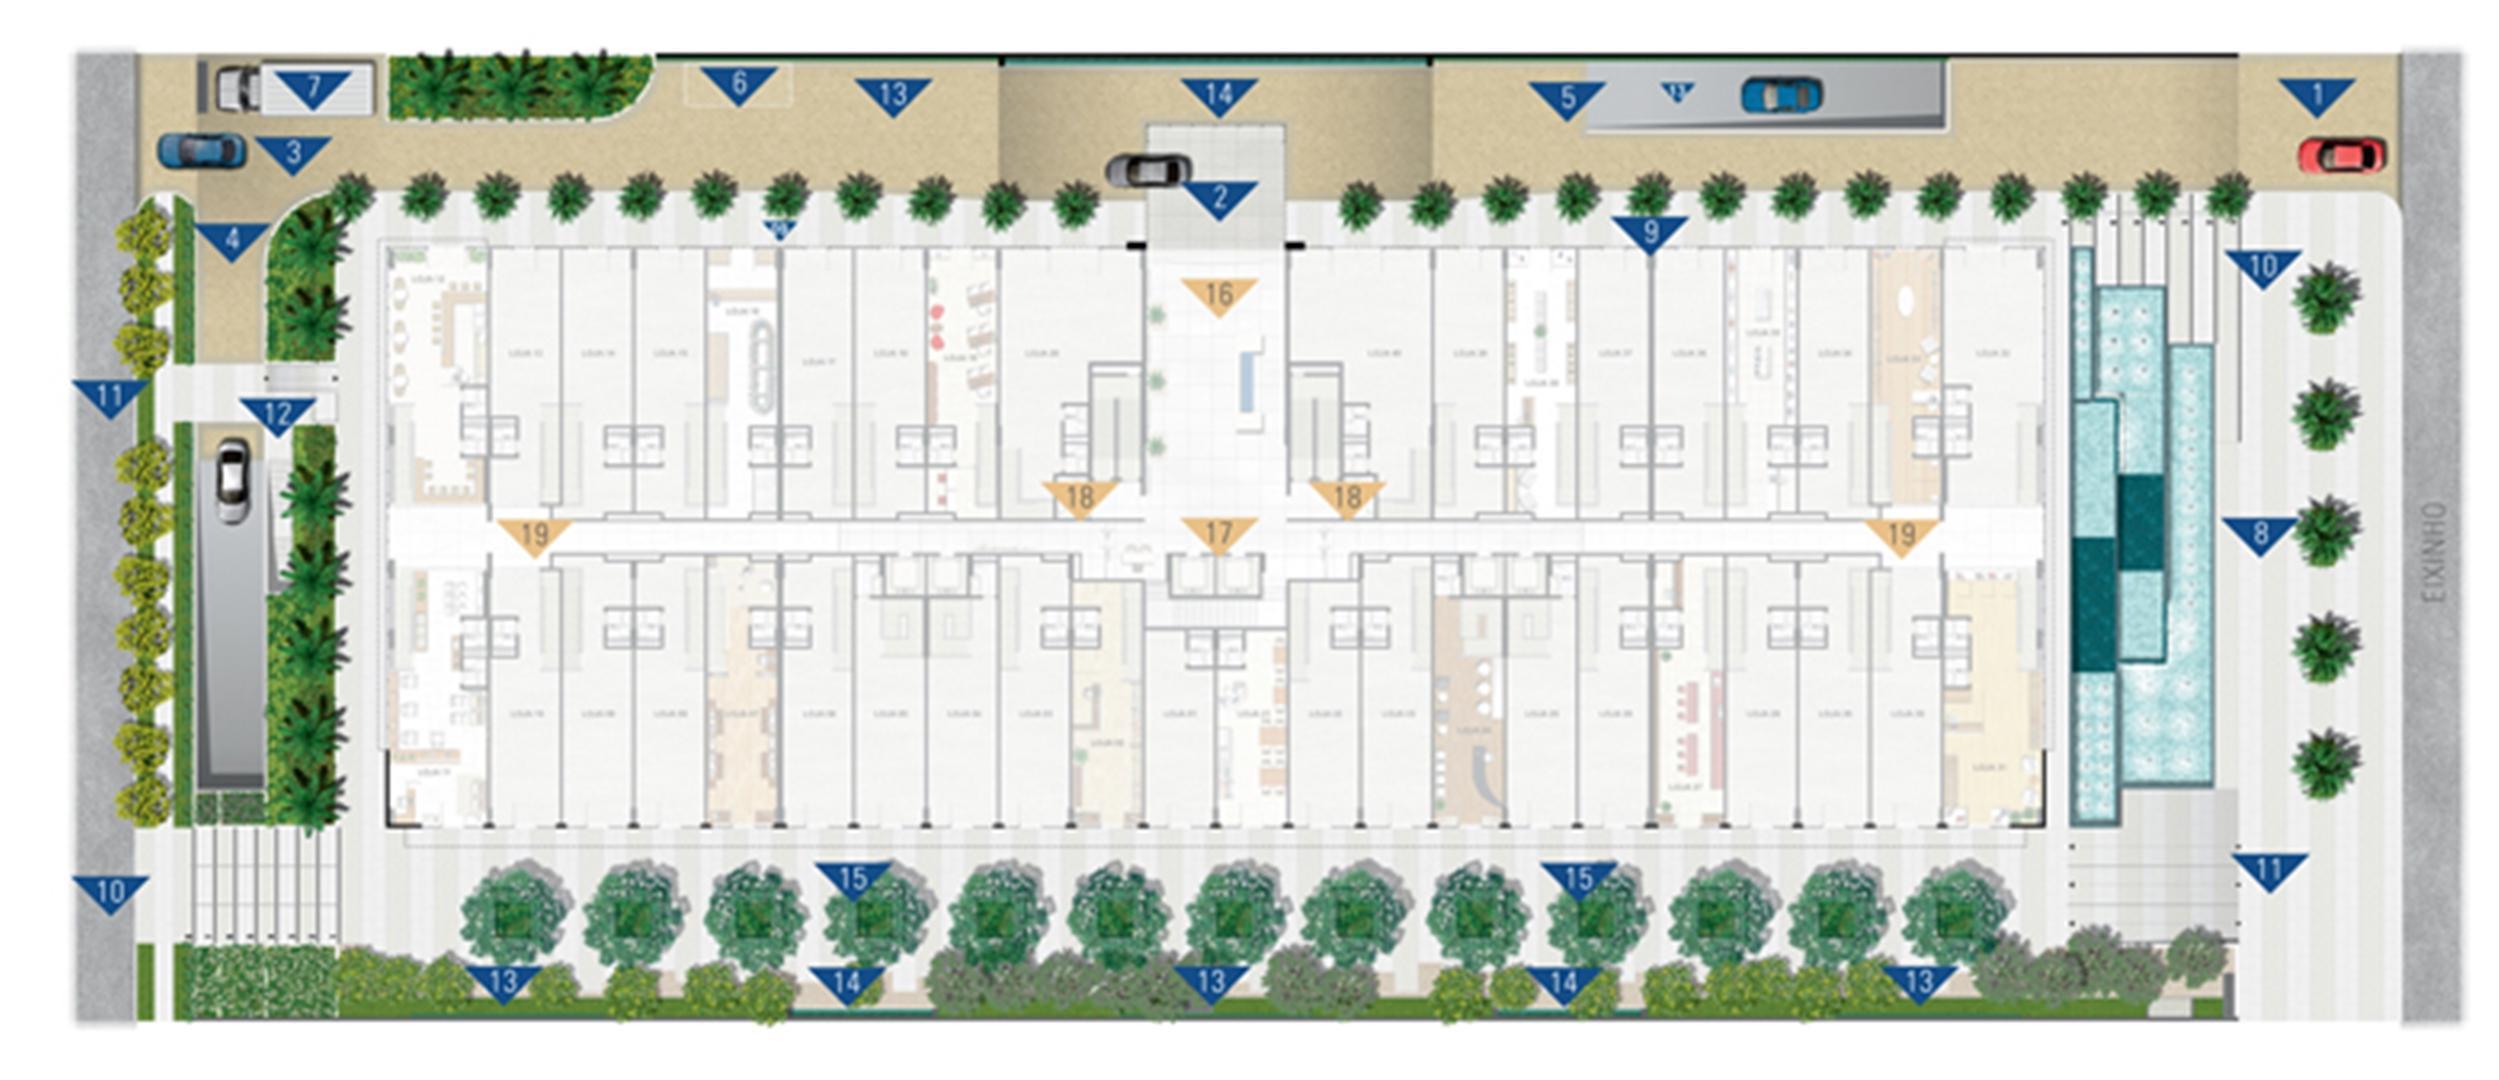 Implantação Geral    Vega – Salas Comerciais na  Asa Norte  - Brasília - Distrito Federal